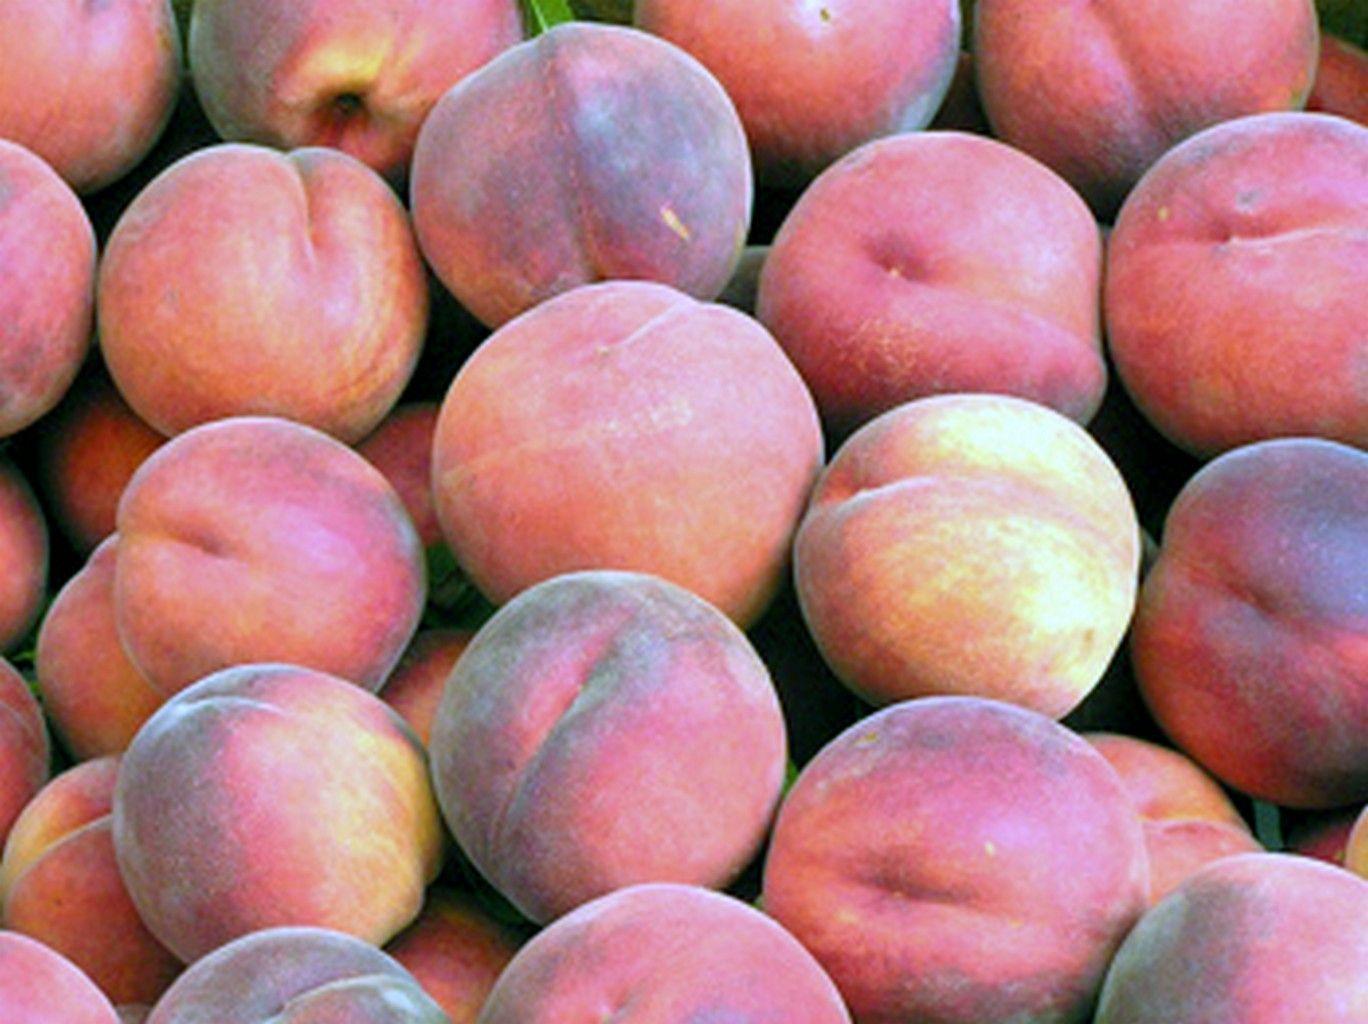 Arbres fruitiers des zones temperees page 2 - Peche a peau lisse ...